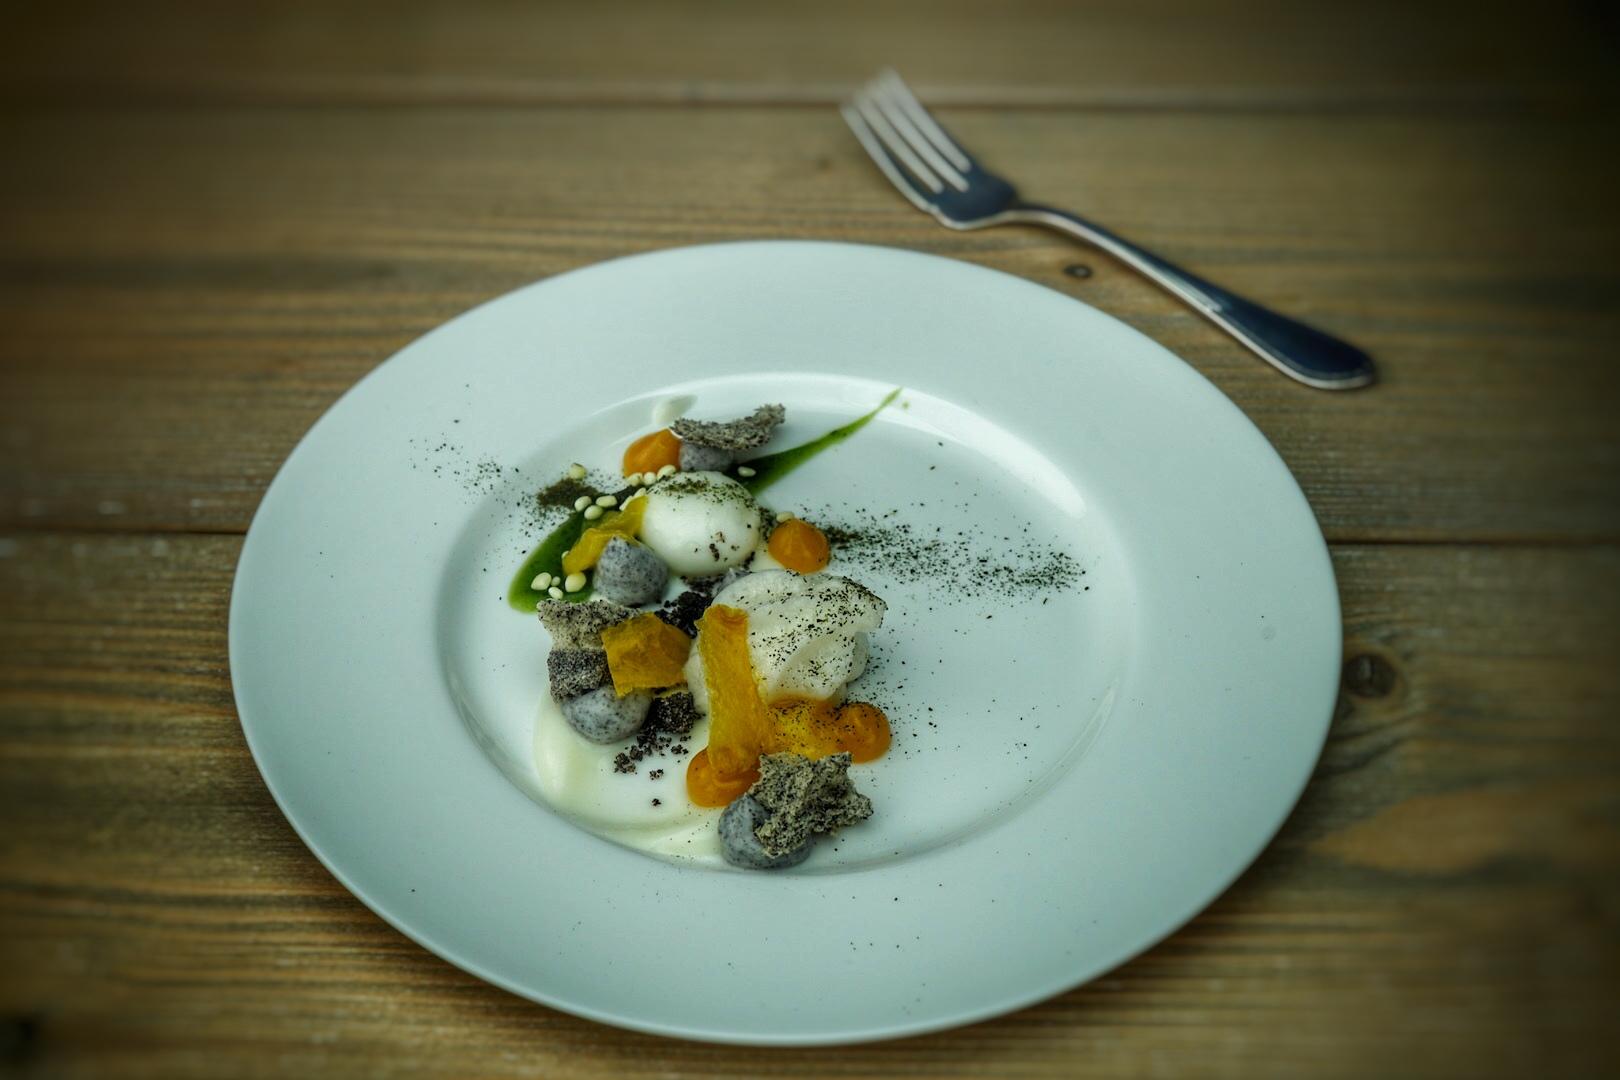 Ein Dessert-Traum aus Mohn, Minze, Mango und Kefir